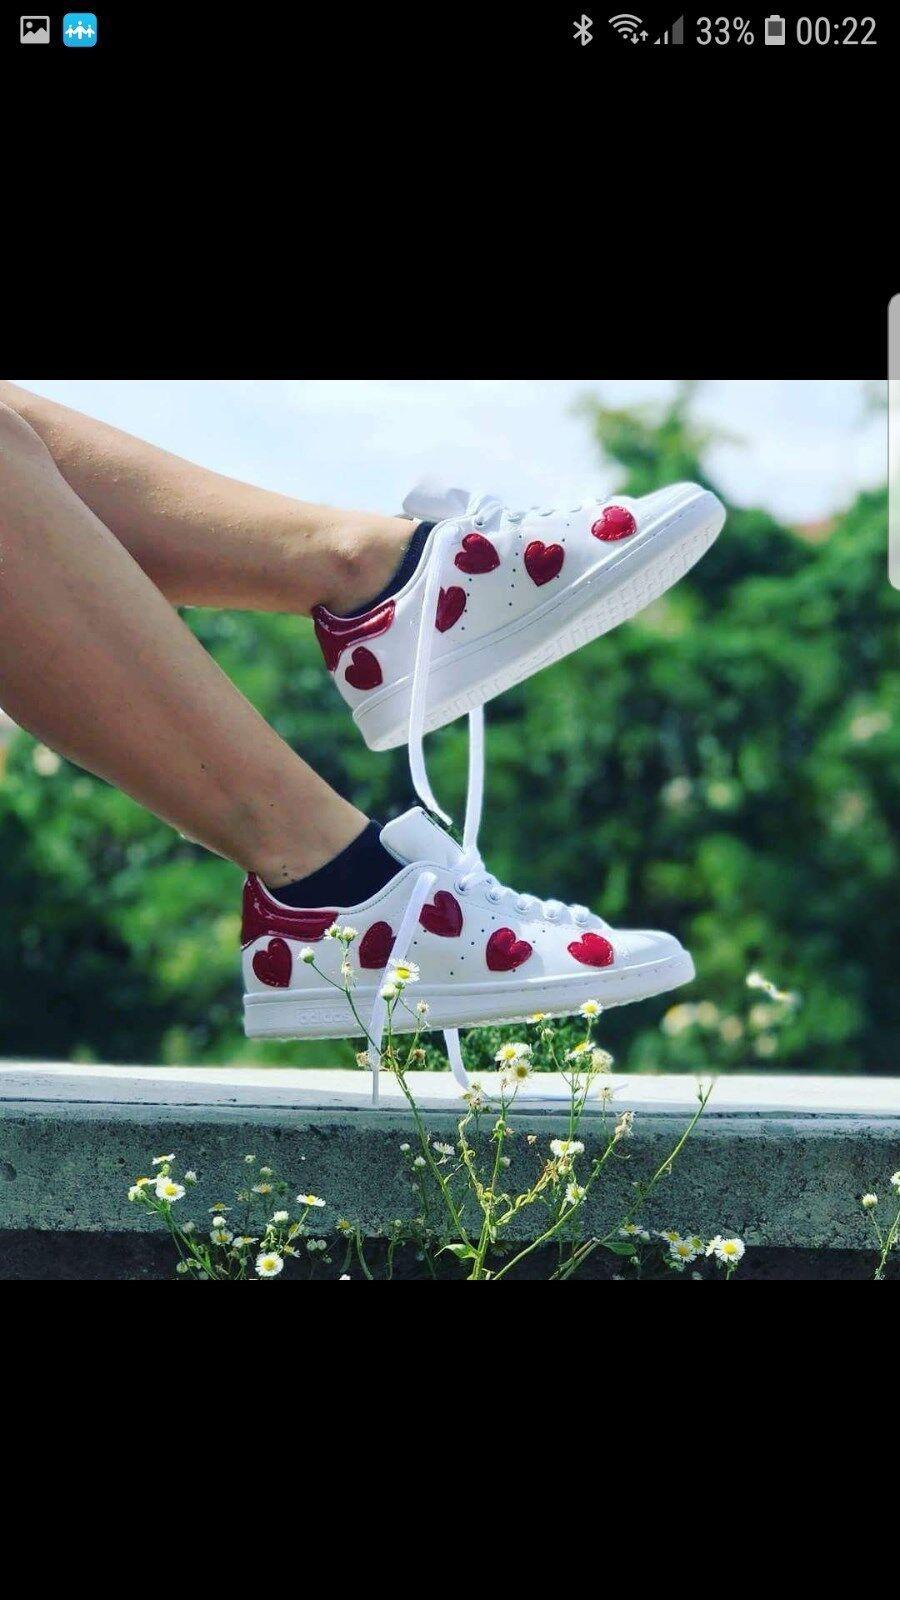 scarpe adidas stan smith con tacco e  cuori rossi in pelle